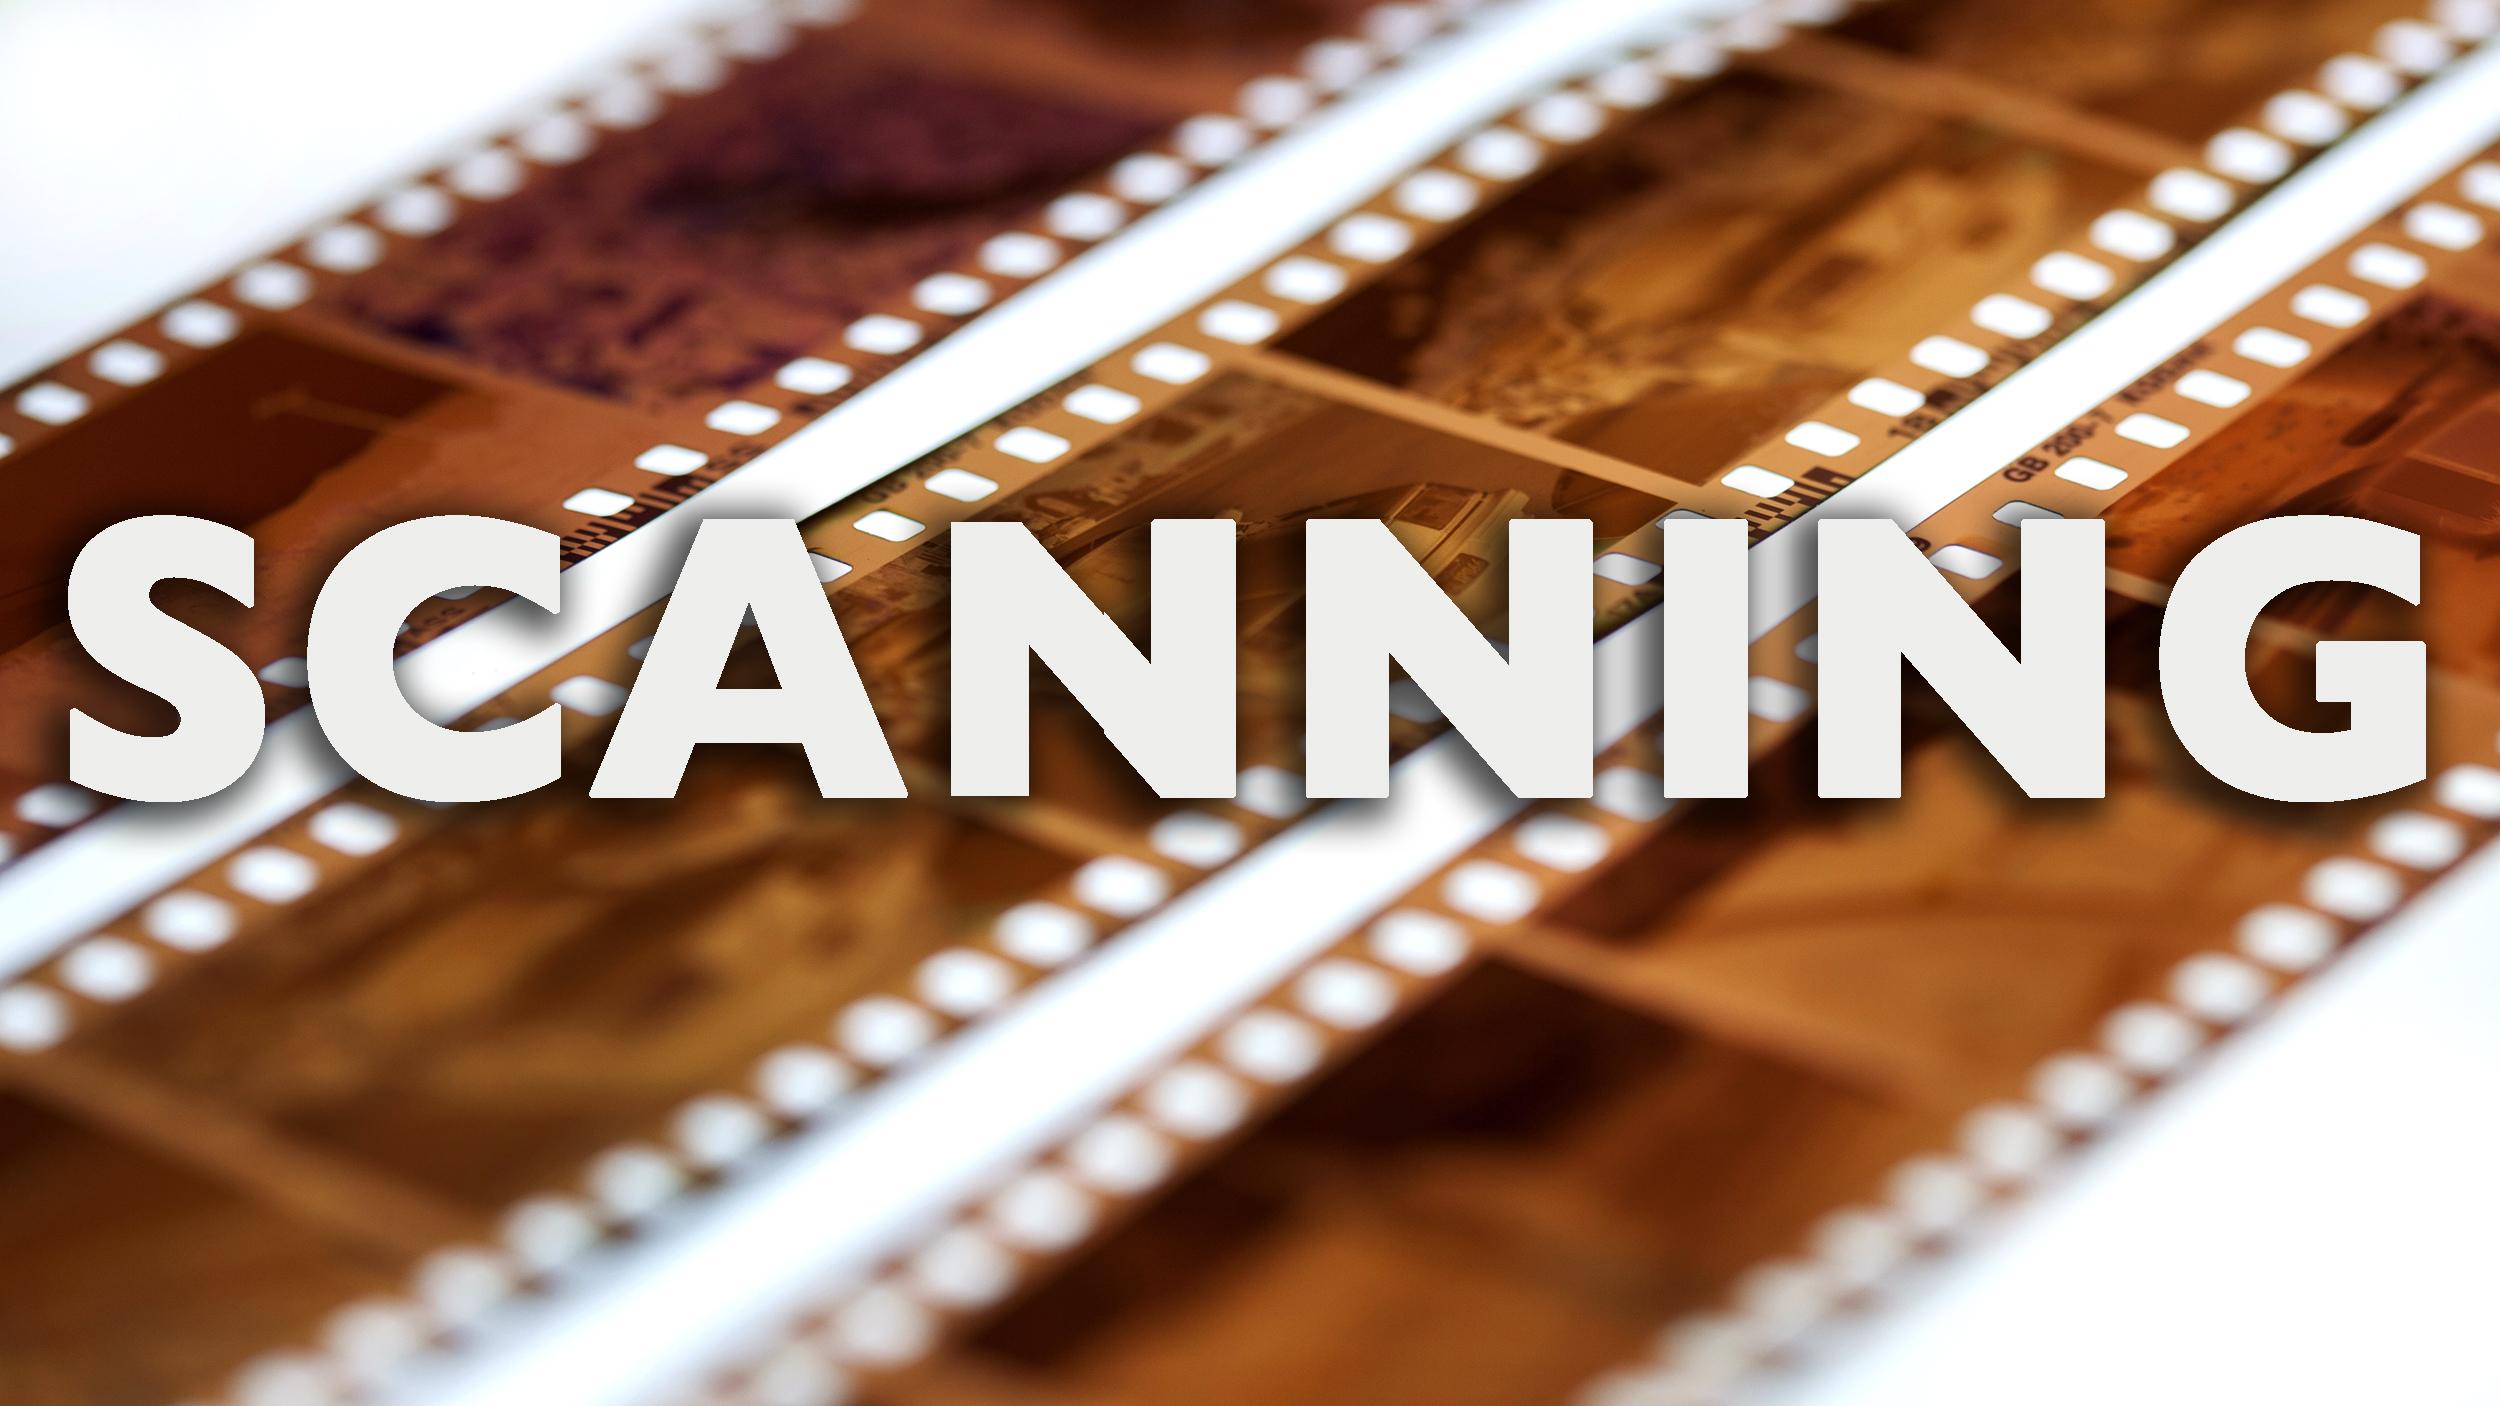 FILMSCANNING_title.jpg